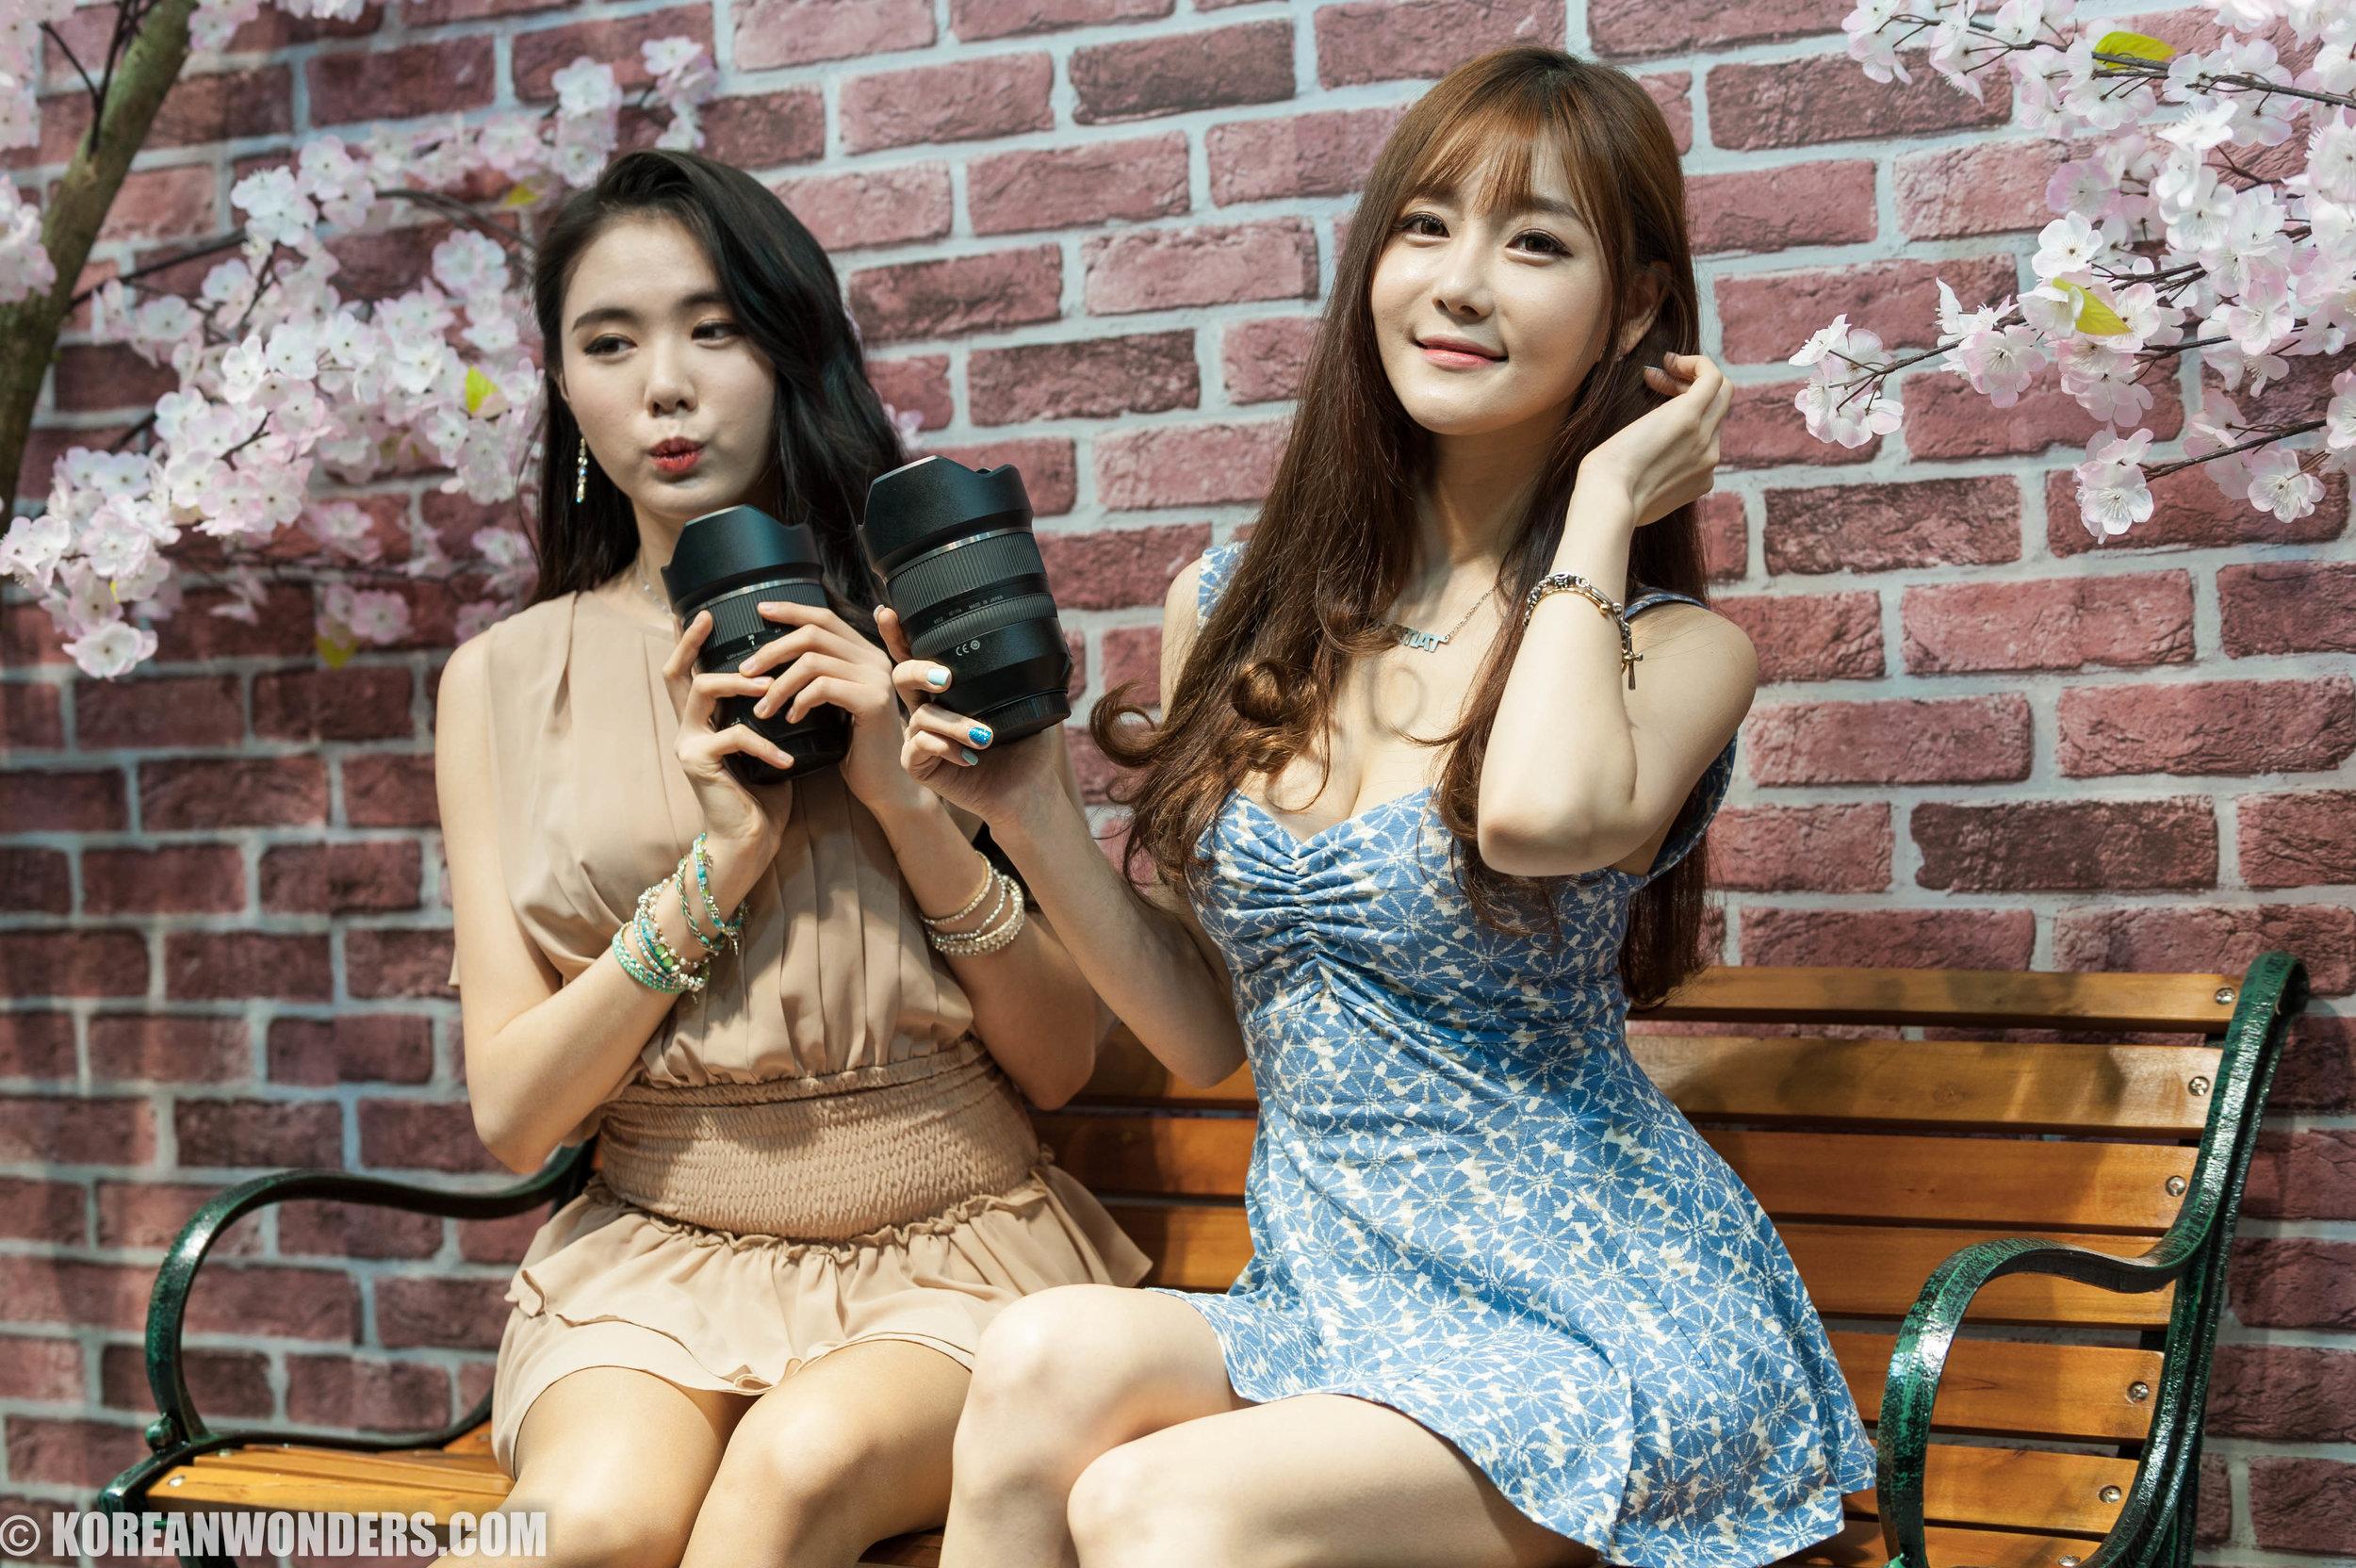 민유린 - MIN Yu Rin and 최슬기 - CHOI Seul Gi